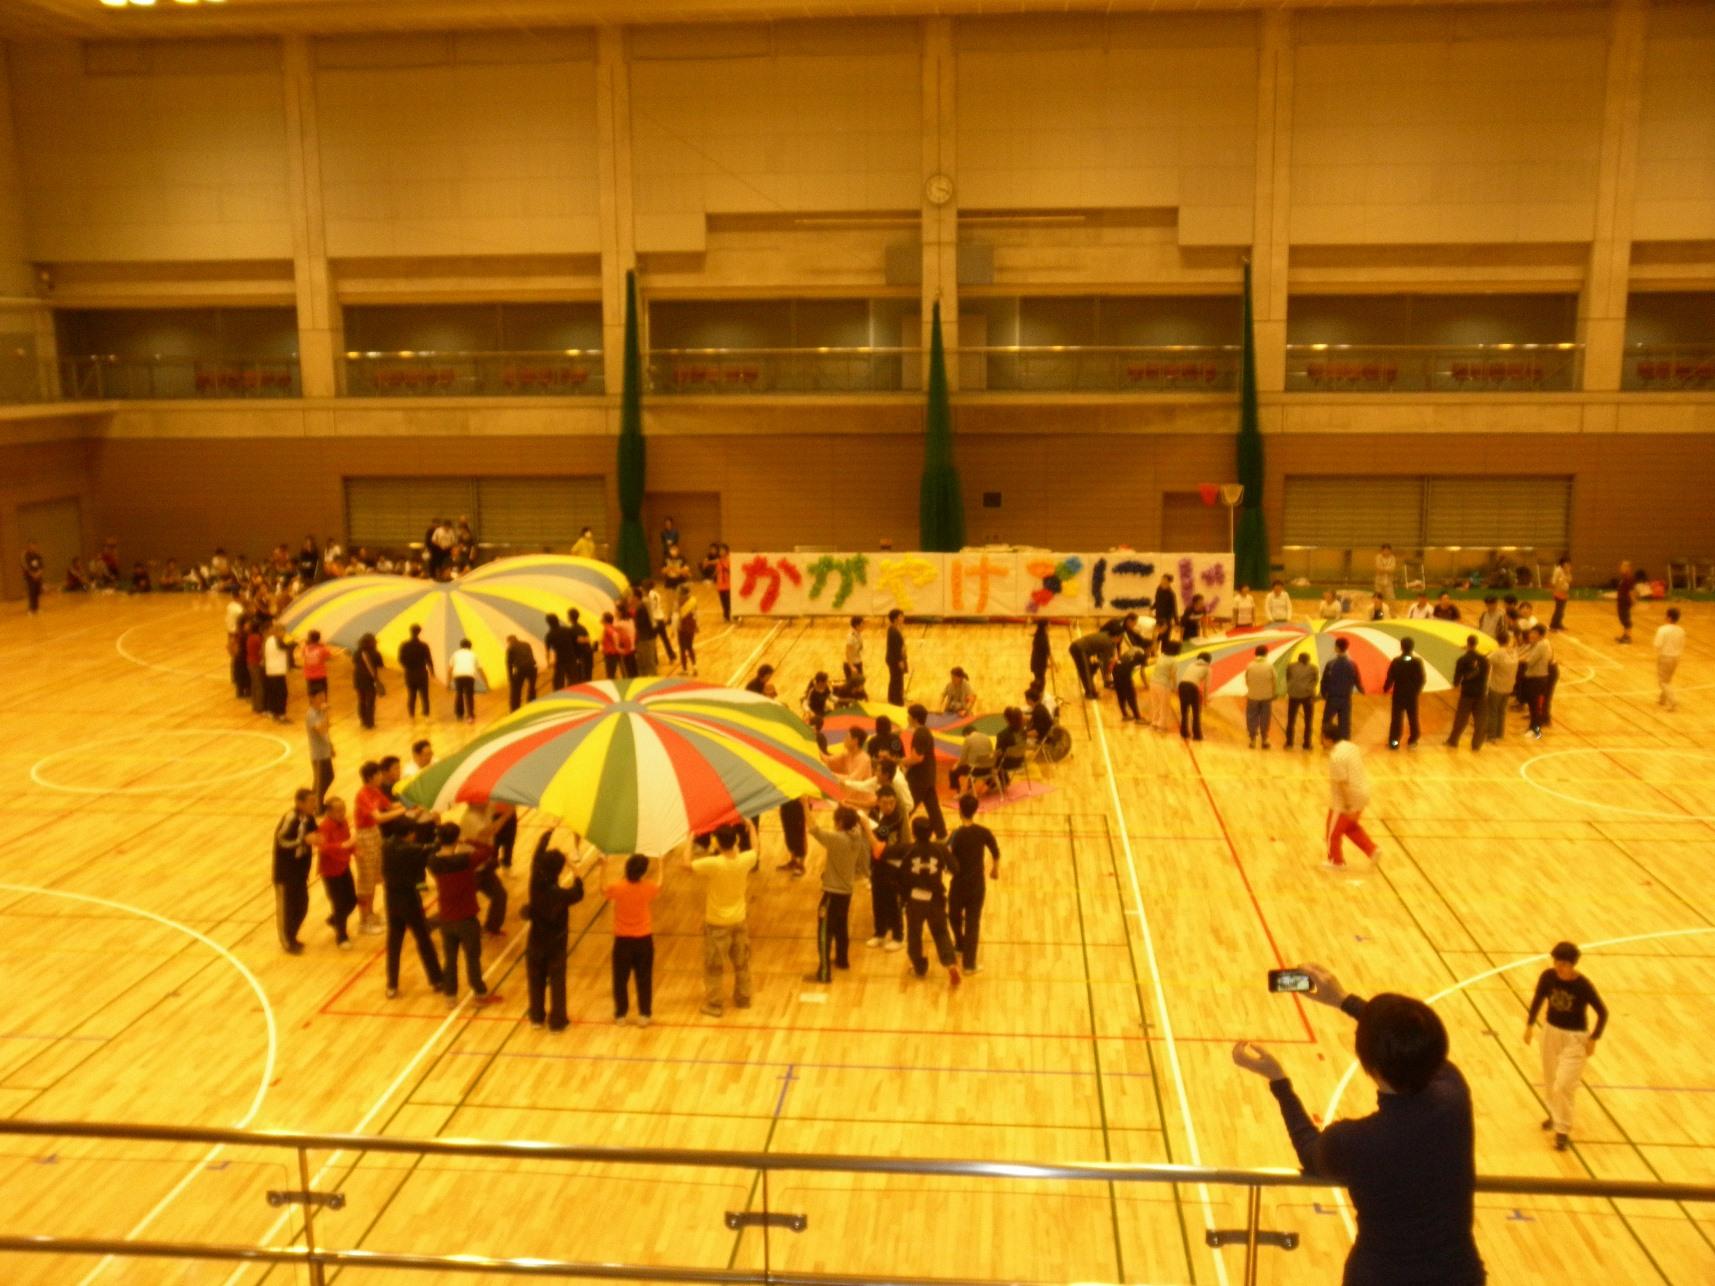 20131110182049 - 「にじの会 スポーツ大会!」より